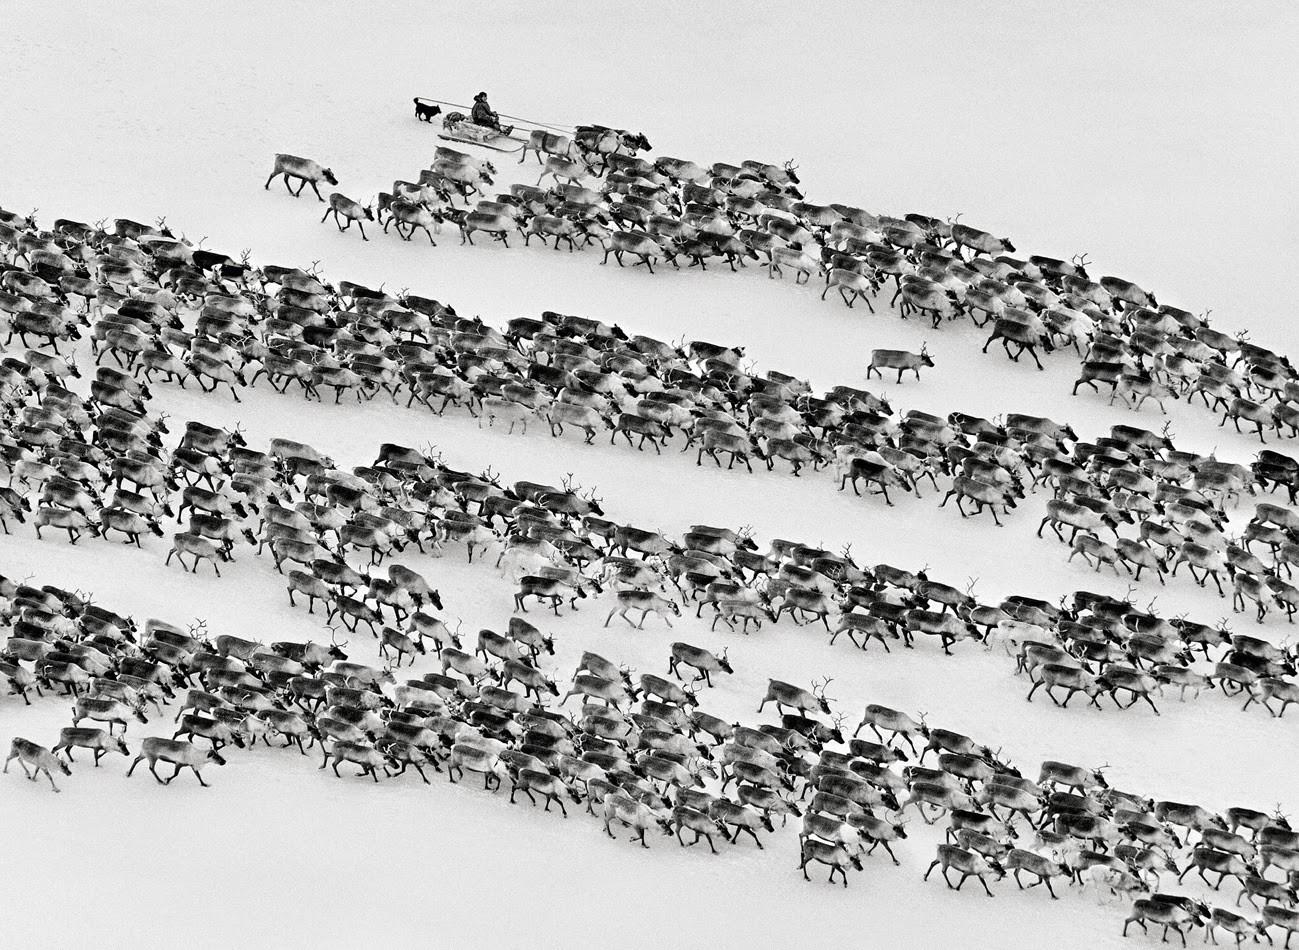 Ненцы российской Арктики, 2011. Автор Себастьян Сальгадо